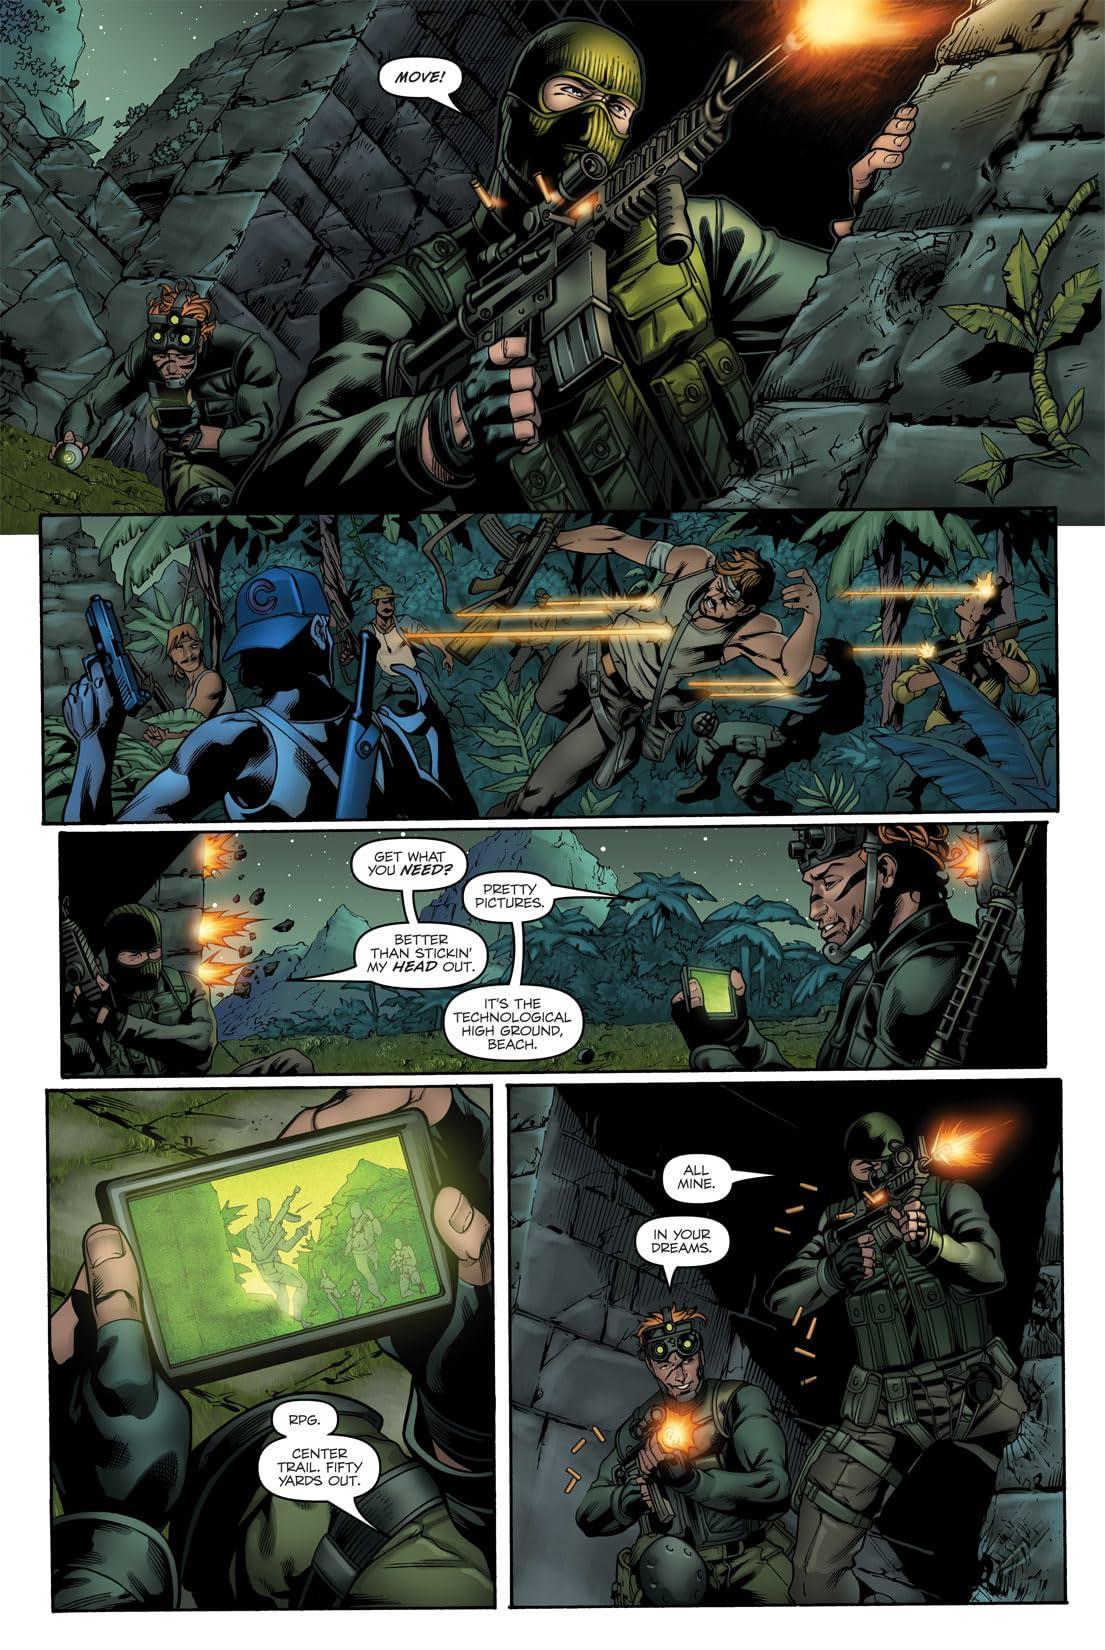 G.I. Joe #13